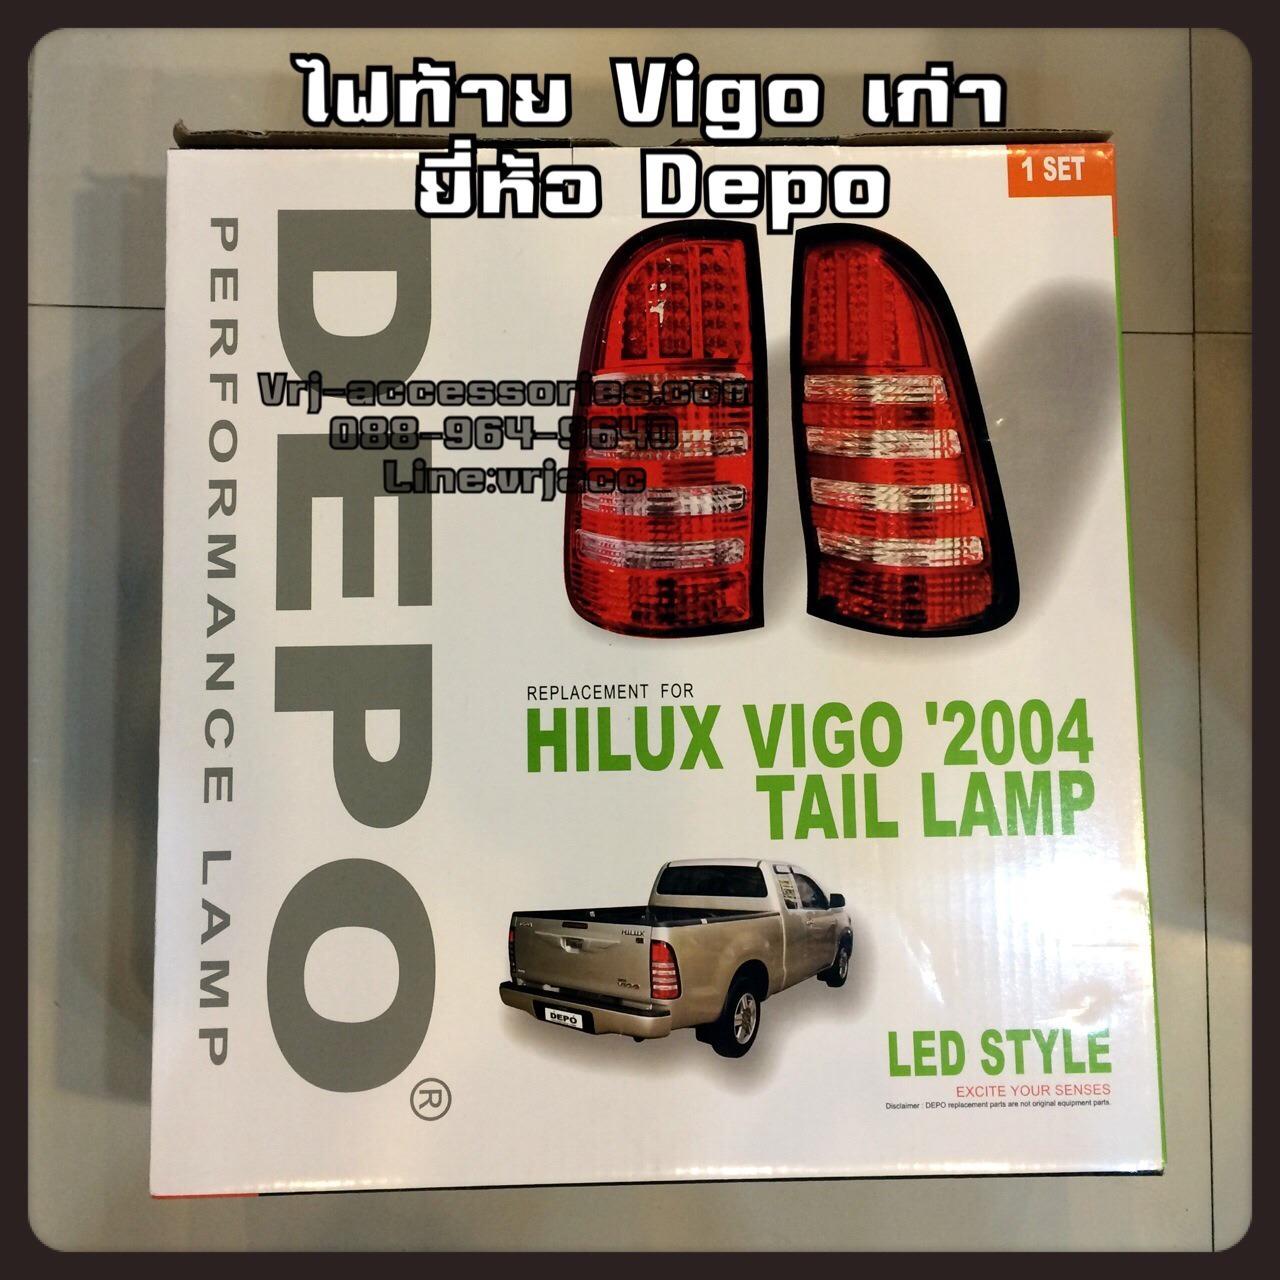 ไฟท้าย LED โตโยต้า วีโก้ : TOYOTA - VIGO 2004